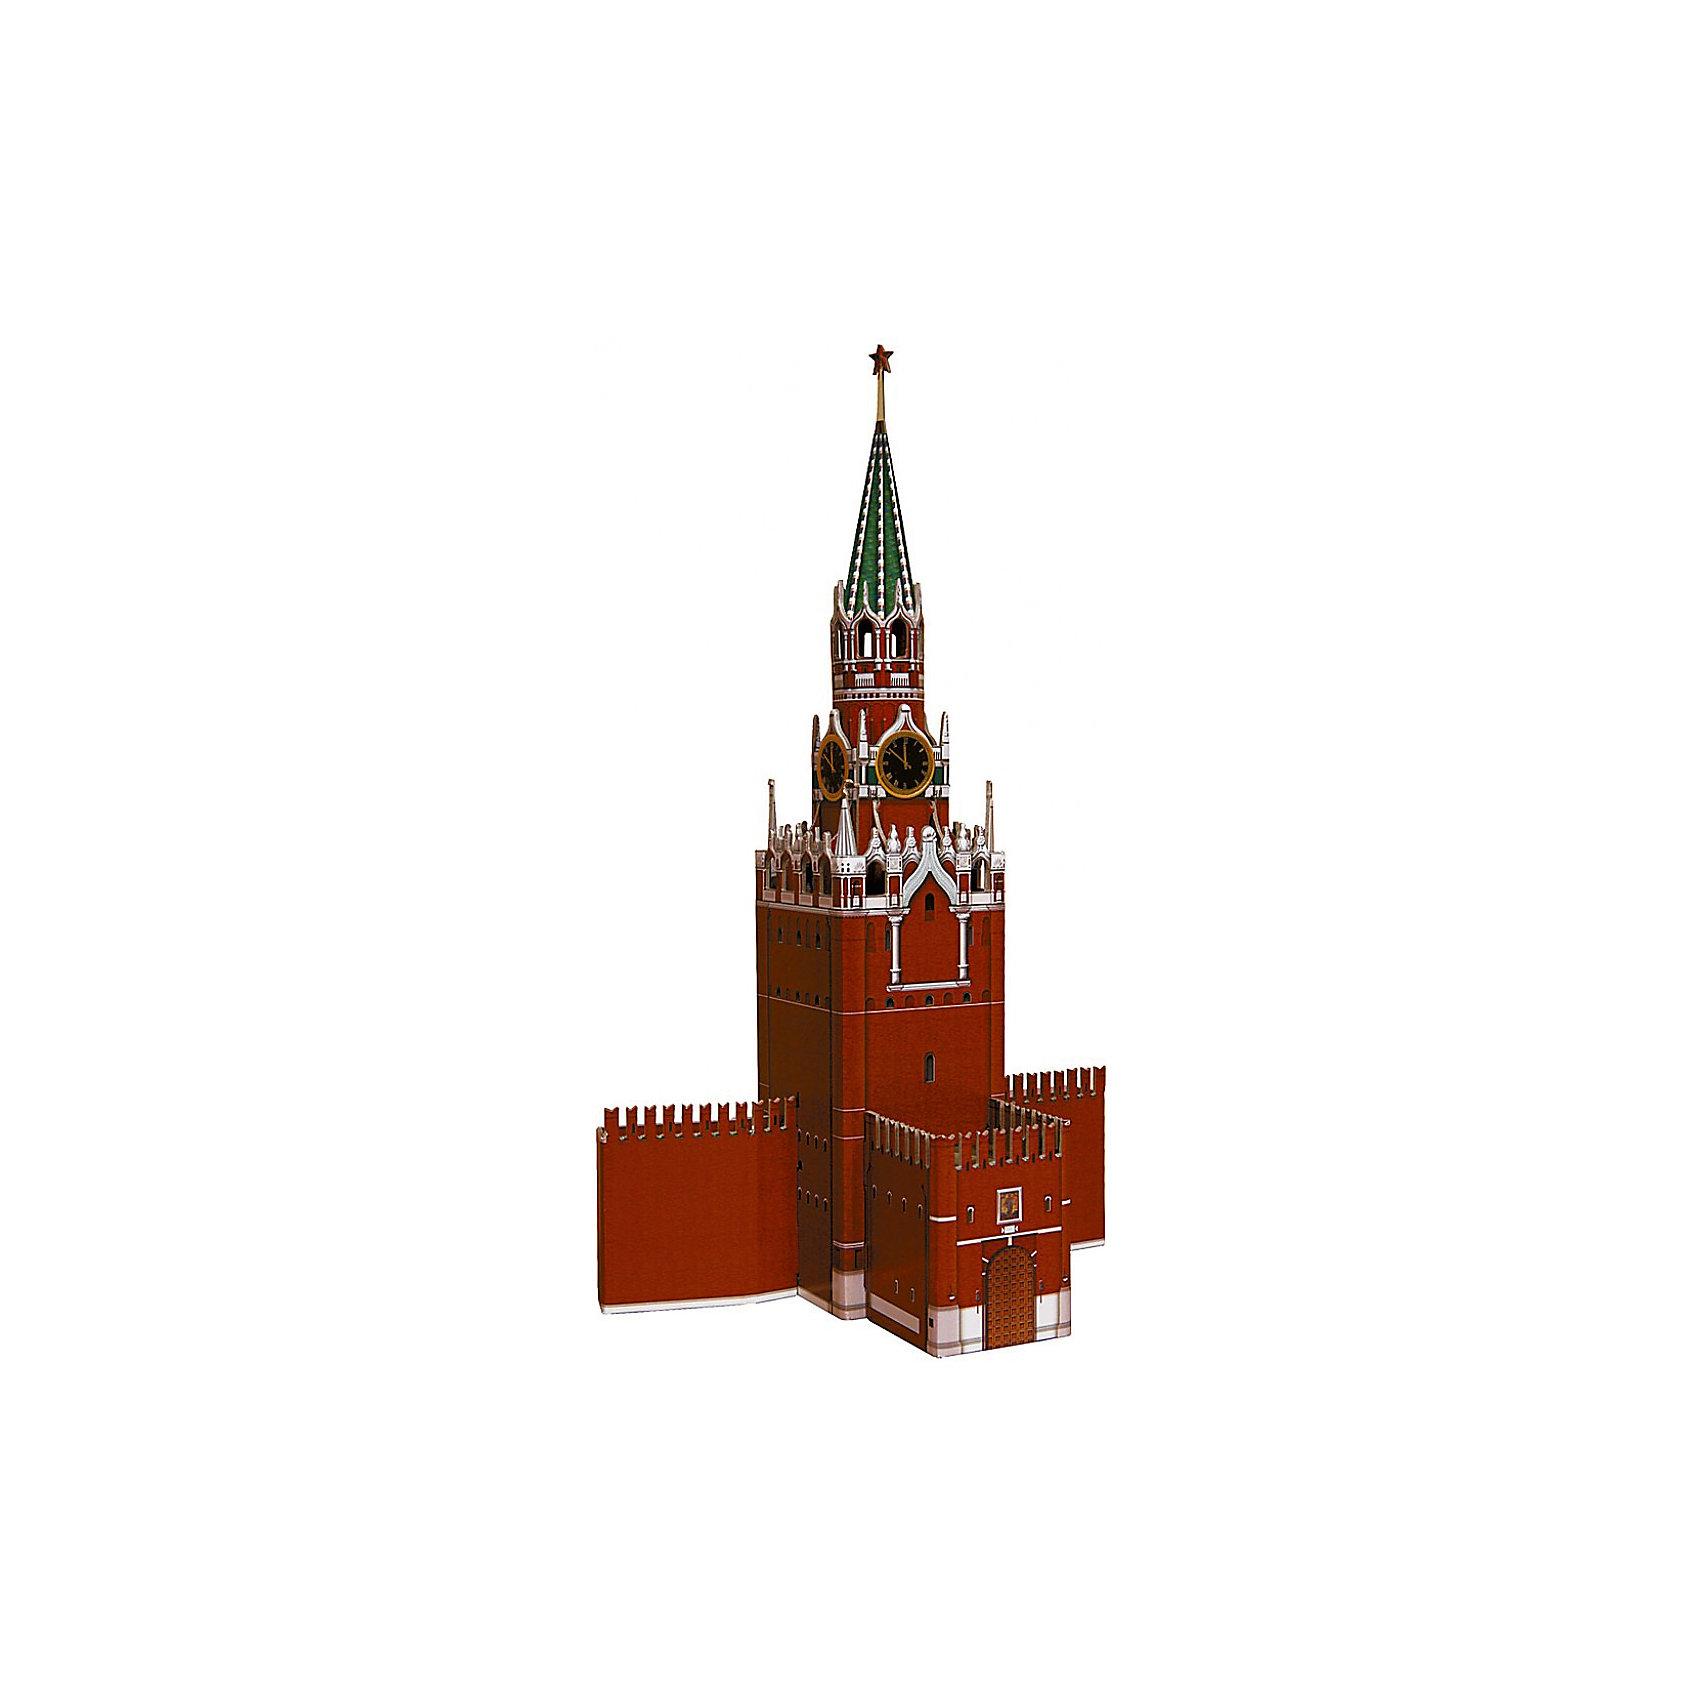 Сборная модель Спасская башняЭтим набором издательство открывает цикл моделей башен Московского Кремля. Высокая степень детализации и реалистичные детали делают сборку конструктора очень интересным занятием. Модель собирается без ножниц и клея. Все соединения разработаны и рассчитаны с большой точностью. Конструирование -увлекательный и полезный процесс, развивающий мелкую моторику, внимание, усидчивость, пространственное мышление и фантазию.<br><br>Дополнительная информация:<br><br>- Материал: картон.<br>- Размер упаковки: 18х26 см.<br>- Размер модели: 19х11х32 см. <br><br>Сборную модель Спасская башня можно купить в нашем магазине.<br><br>Ширина мм: 181<br>Глубина мм: 263<br>Высота мм: 23<br>Вес г: 310<br>Возраст от месяцев: 72<br>Возраст до месяцев: 168<br>Пол: Унисекс<br>Возраст: Детский<br>SKU: 4697730